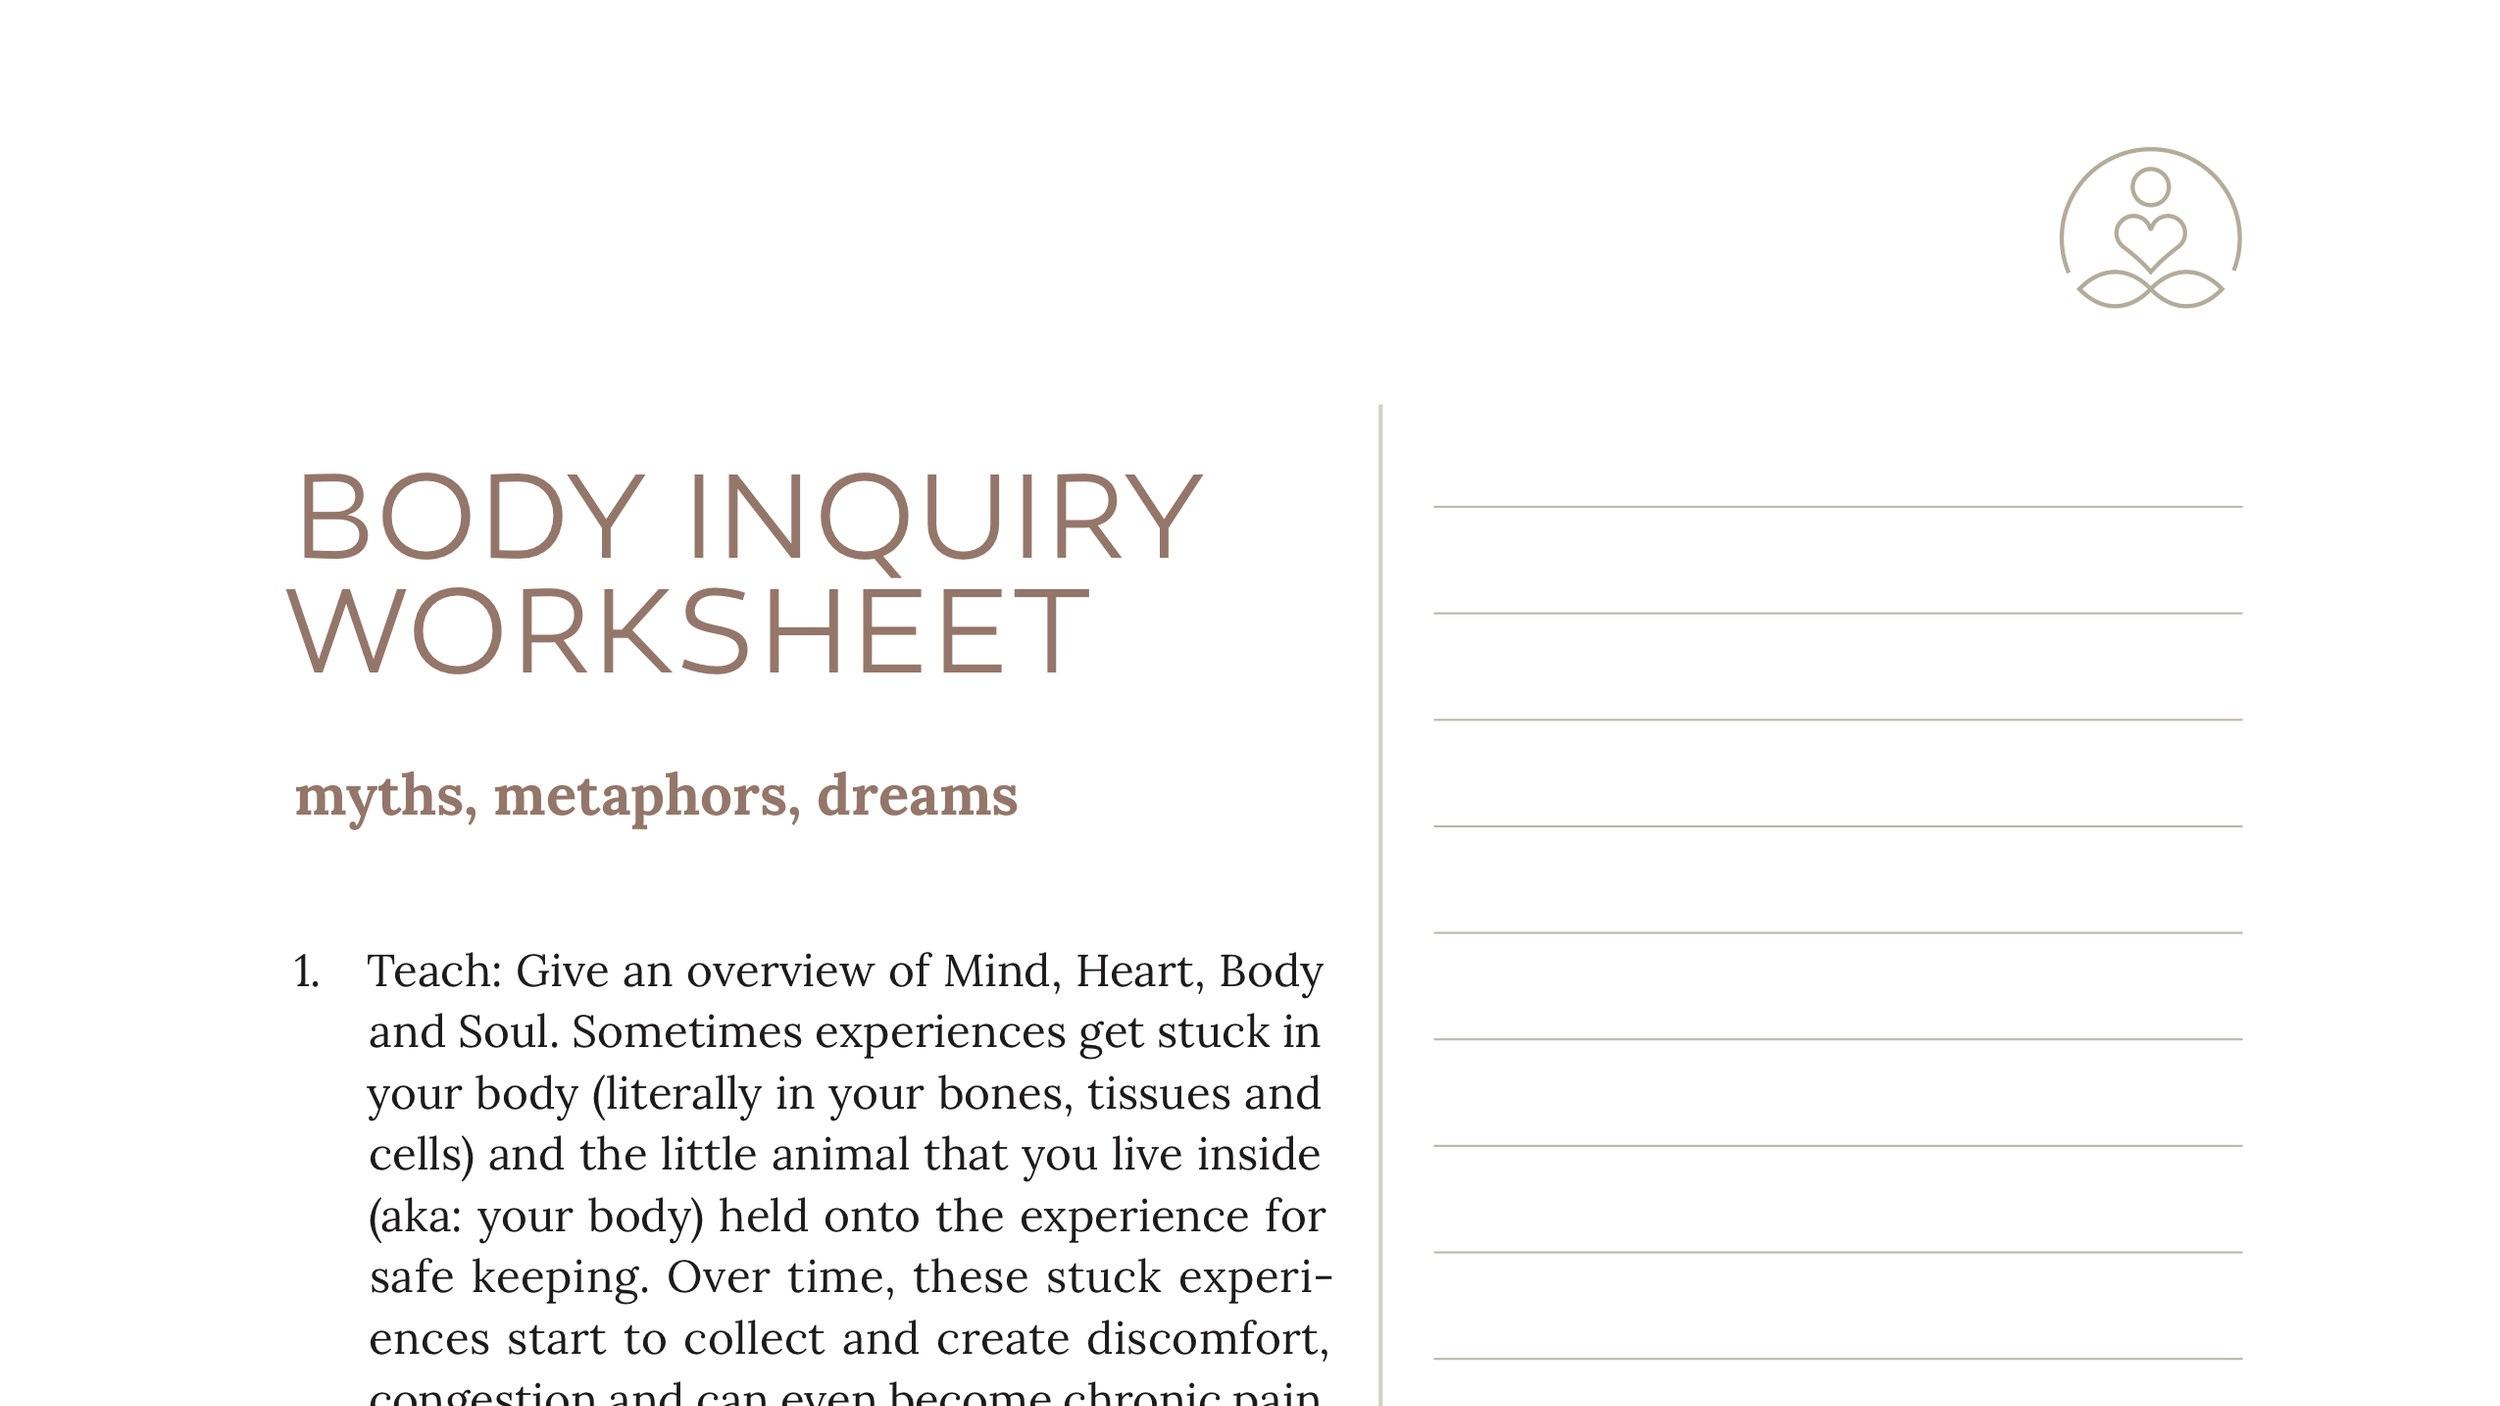 Body+Inquiry+Worksheet.jpg